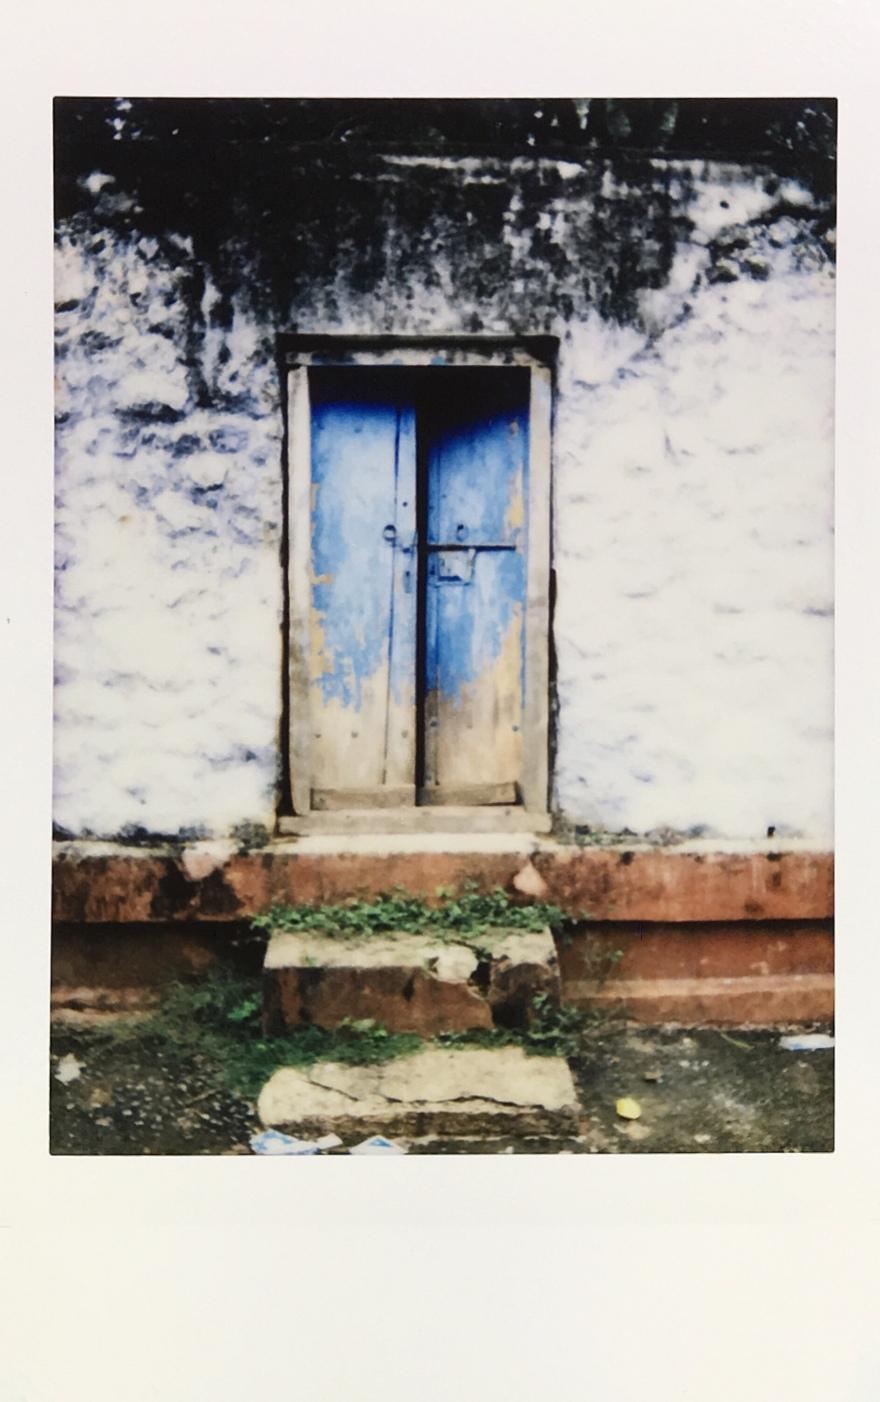 002 - blue door